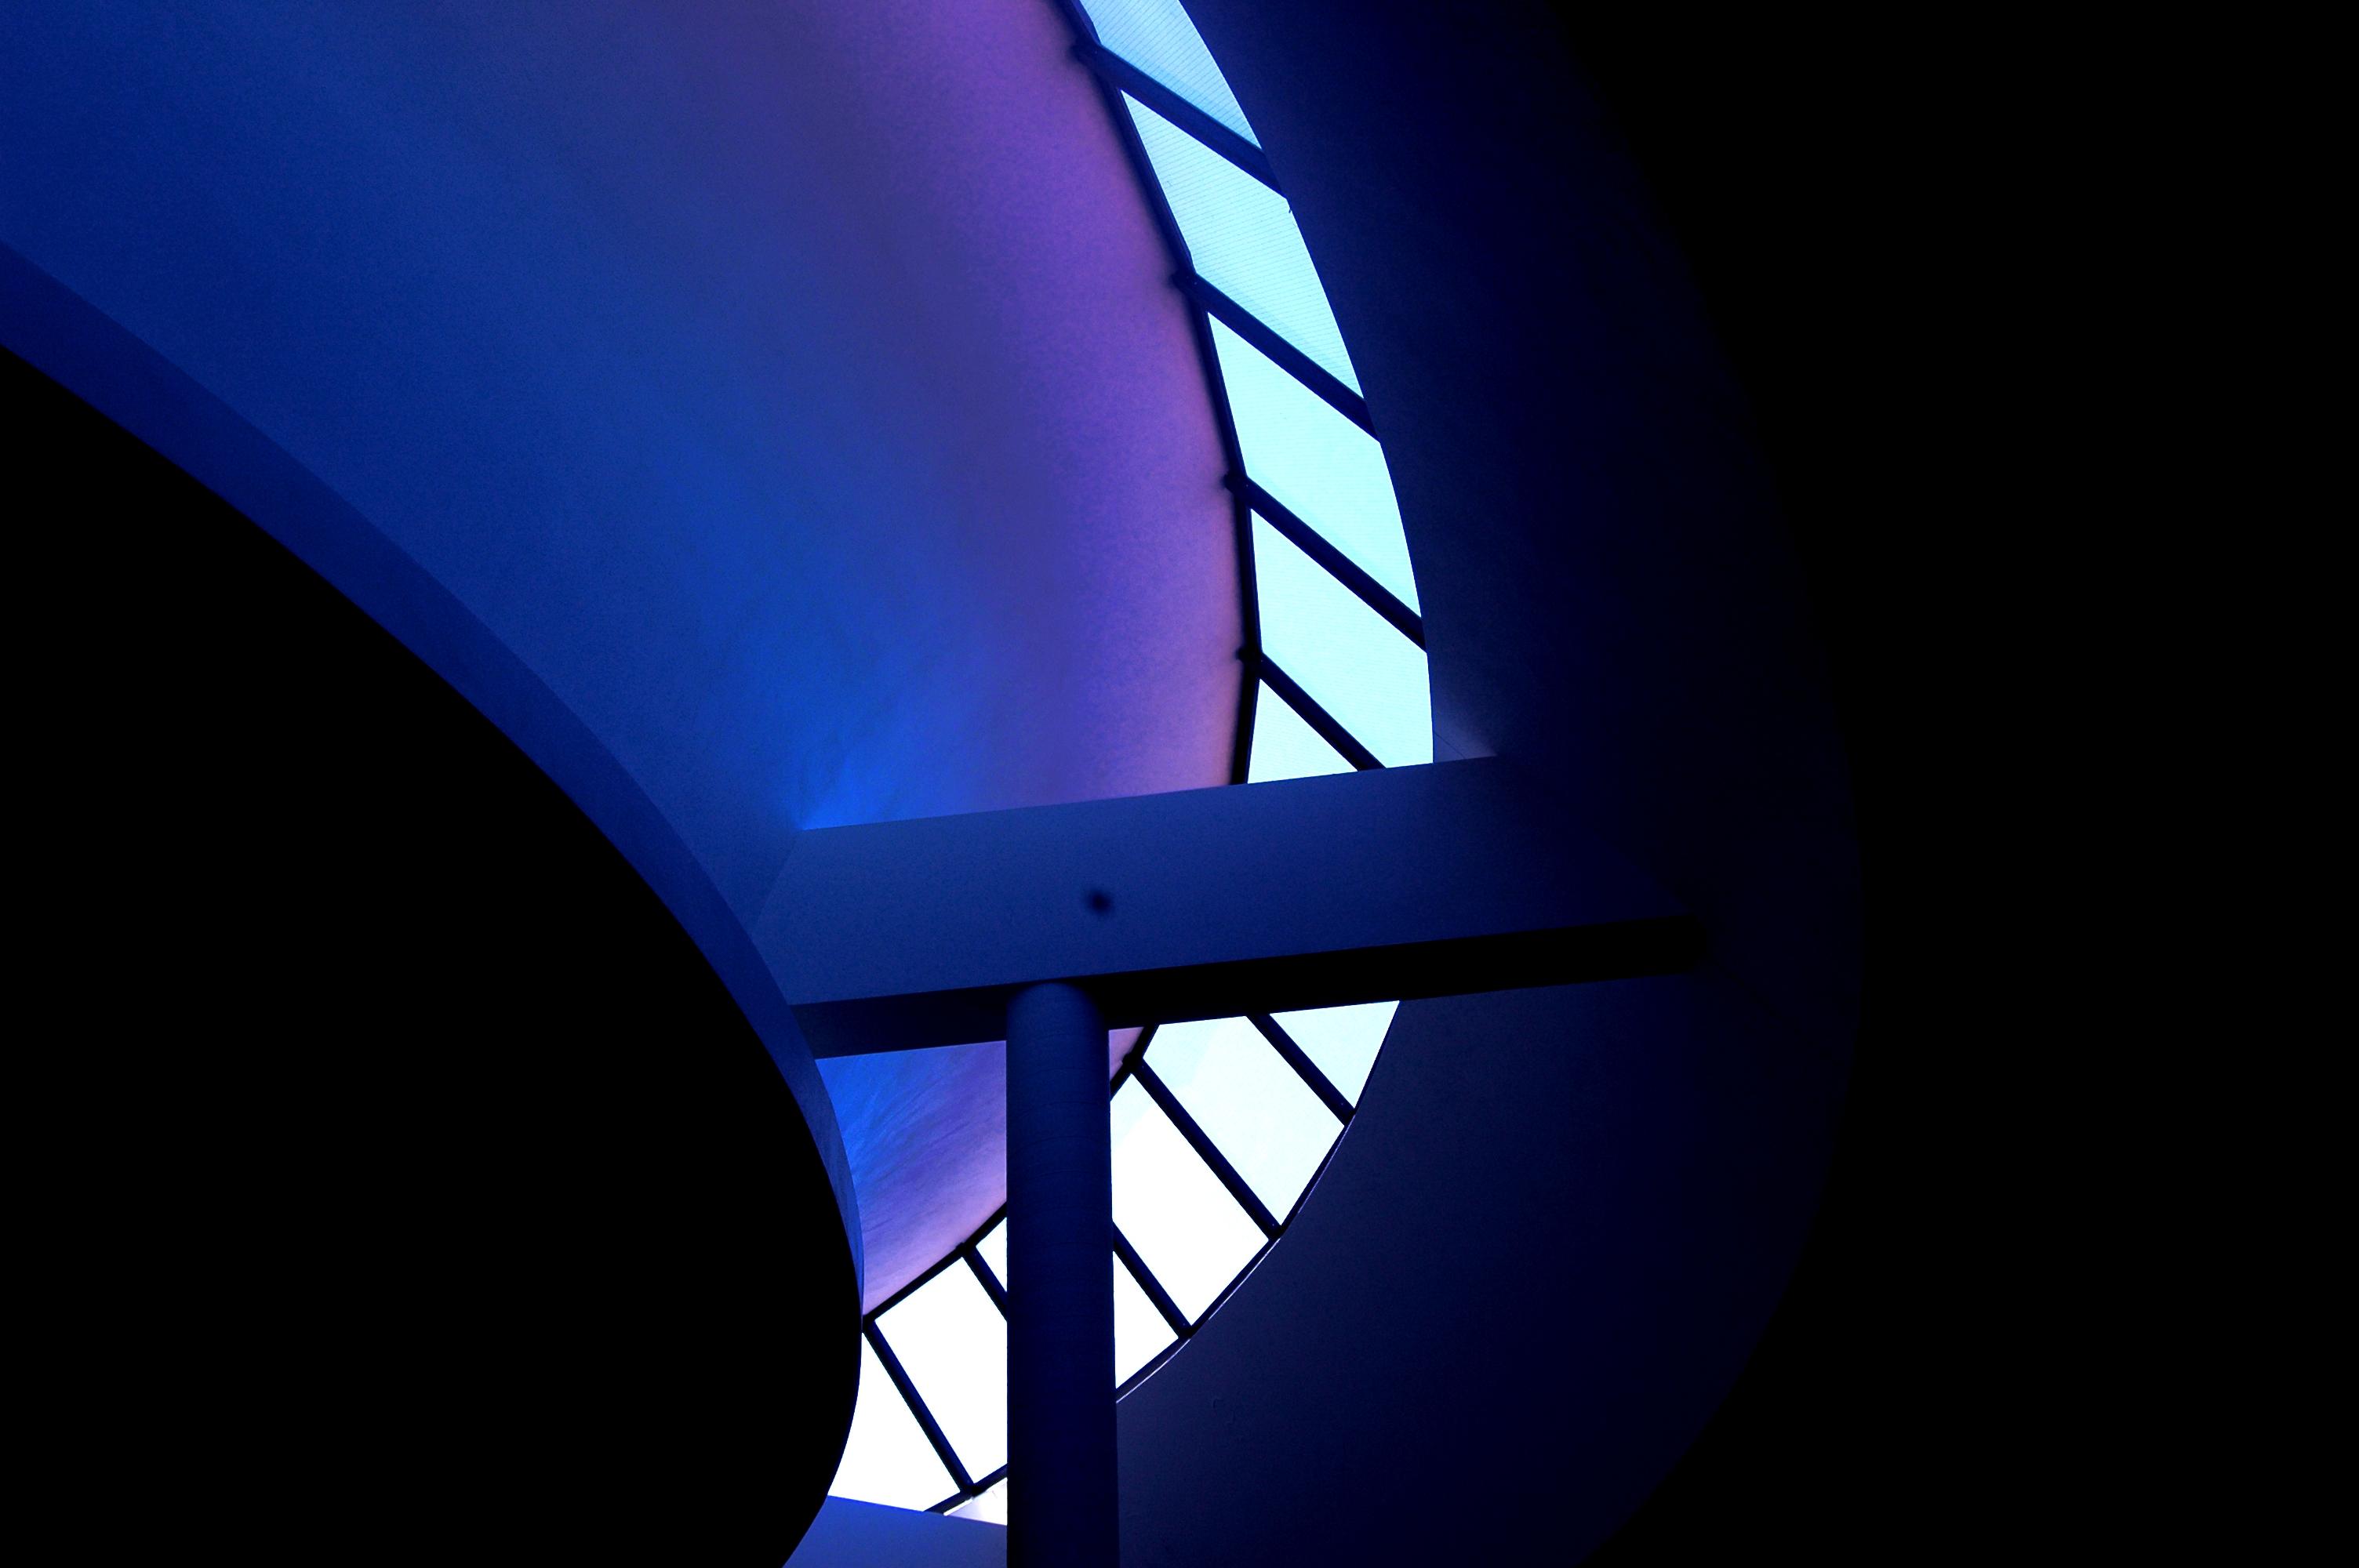 Skylight in blue by elakey on deviantart for Skylight net login